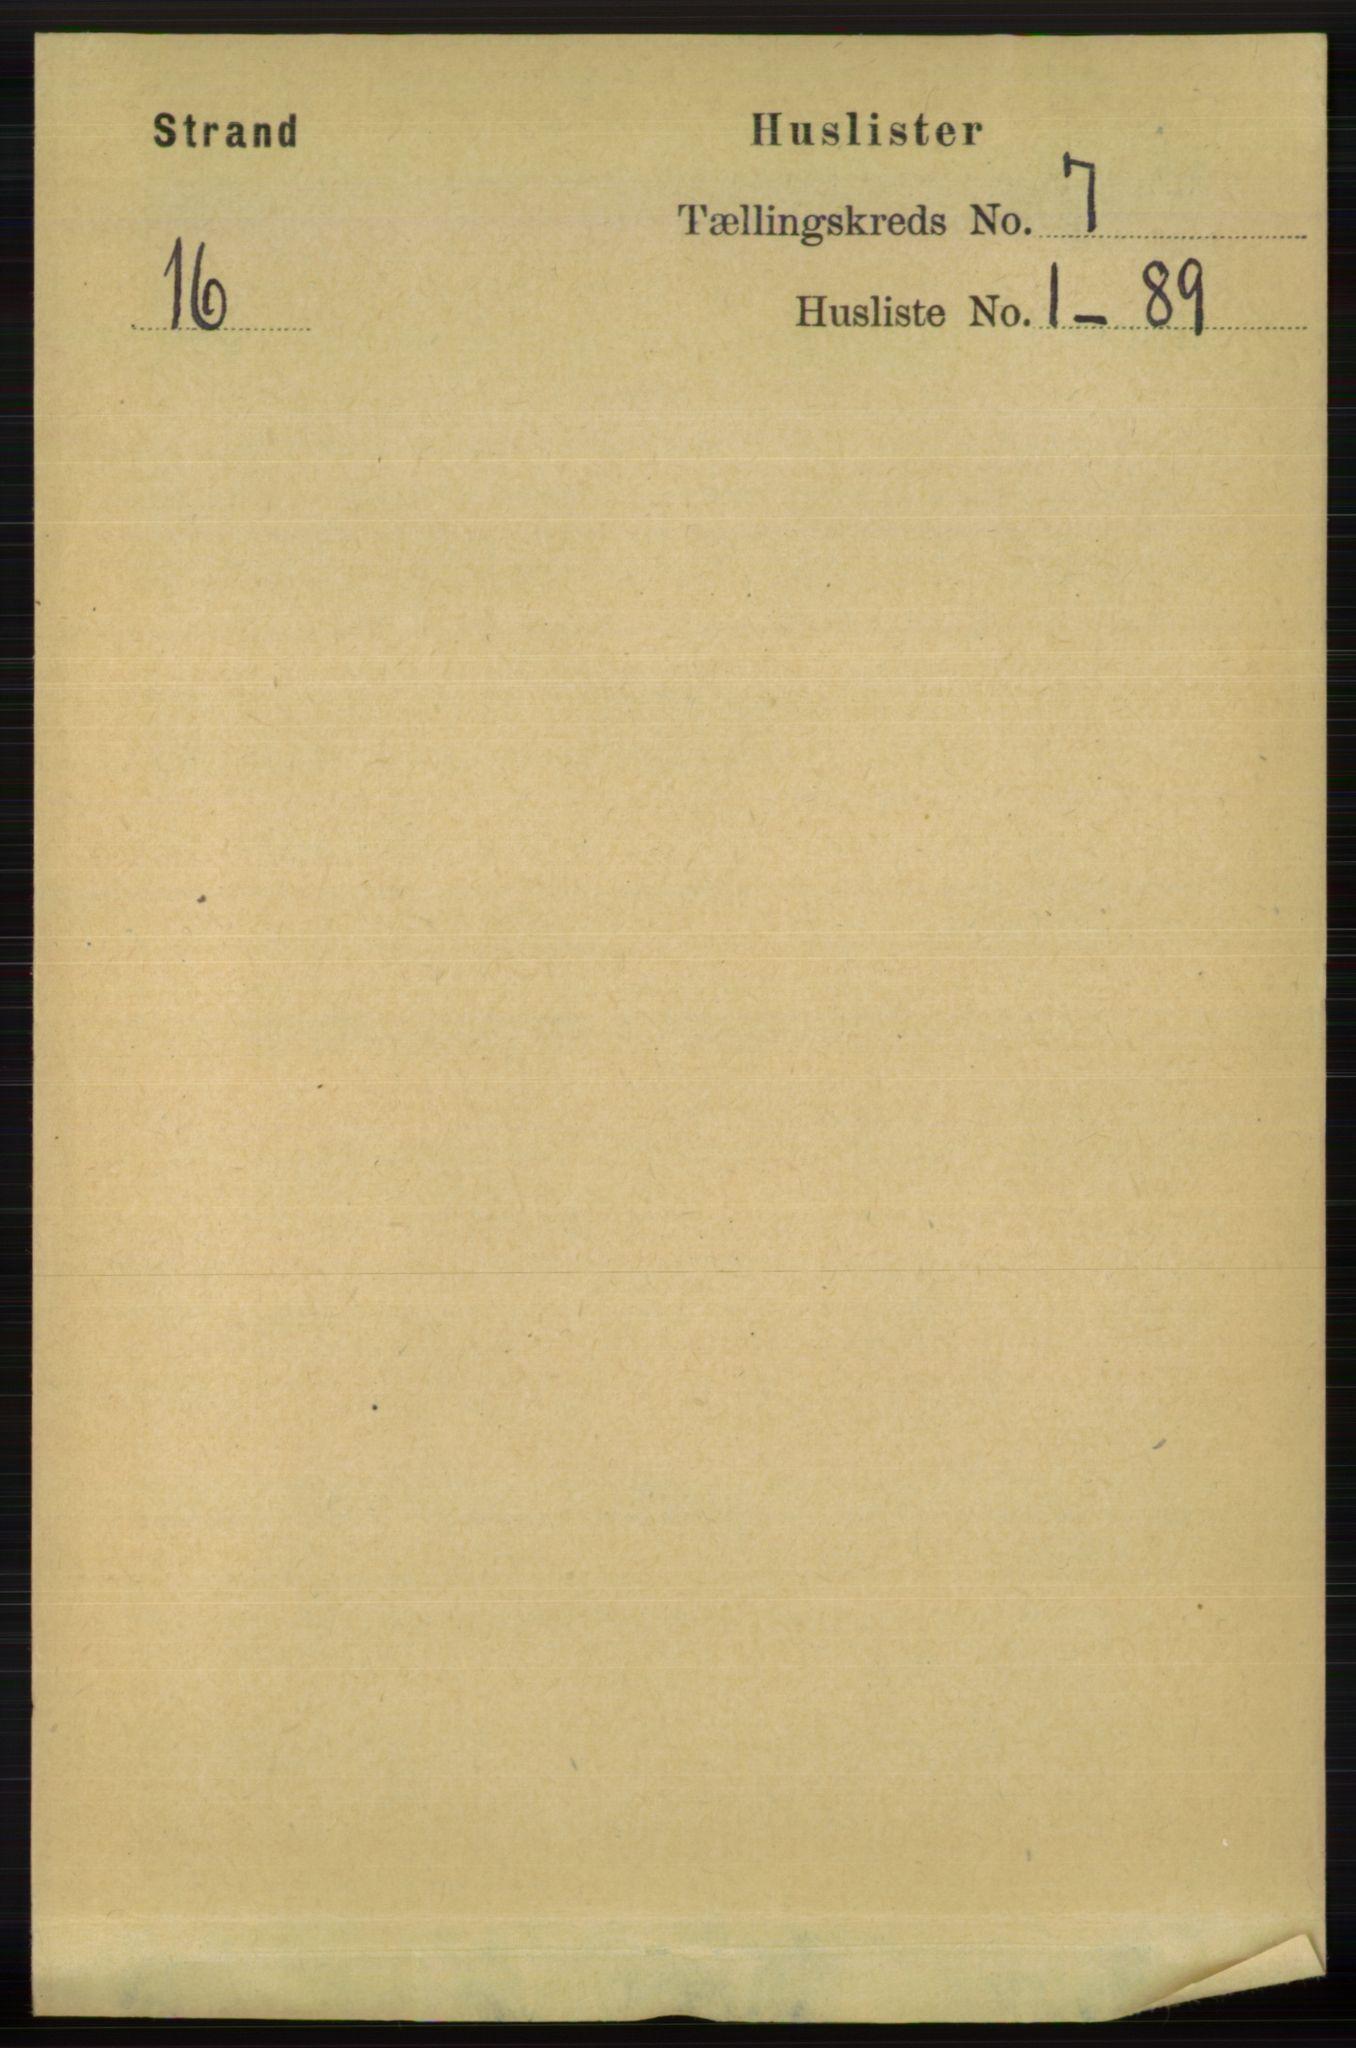 RA, Folketelling 1891 for 1130 Strand herred, 1891, s. 1861